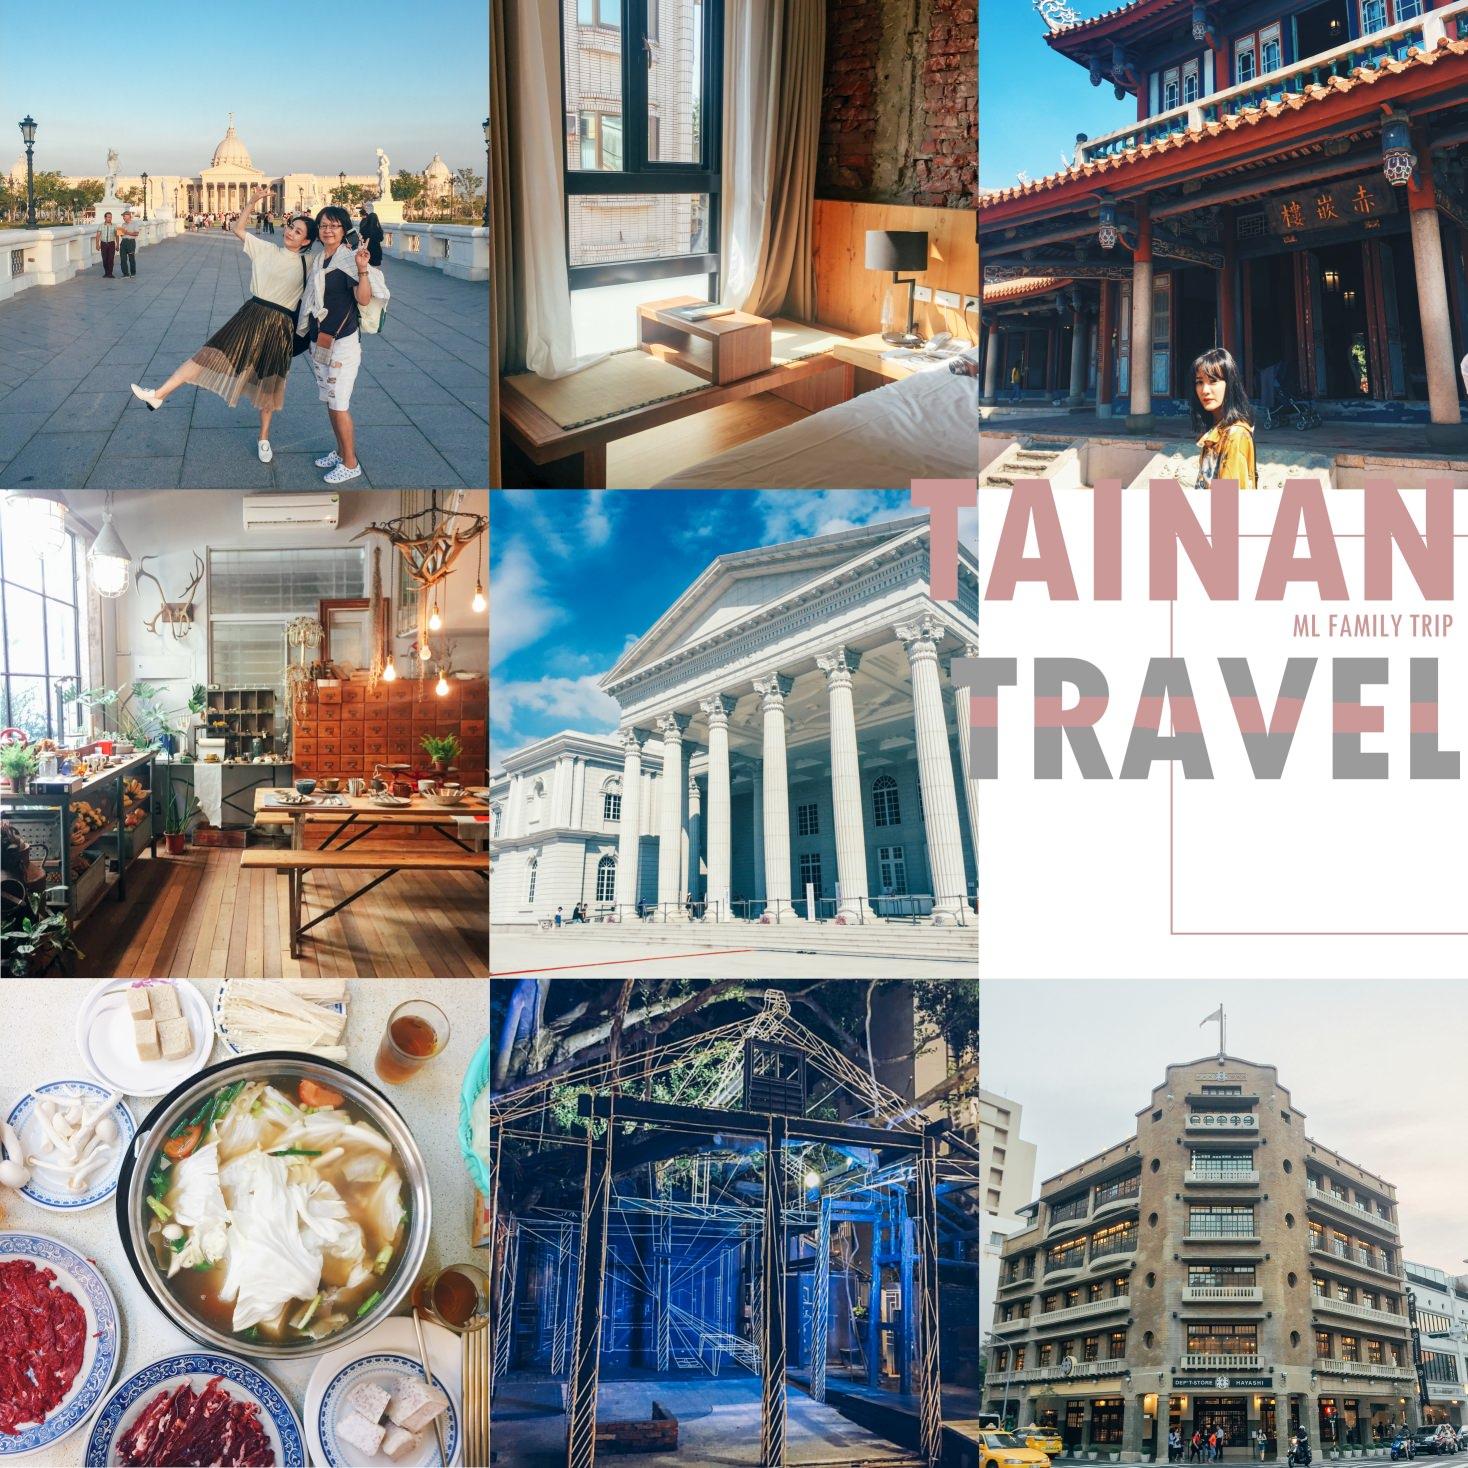 [遊記] 食衣住育樂♥充滿人文氣息的台南輕旅行